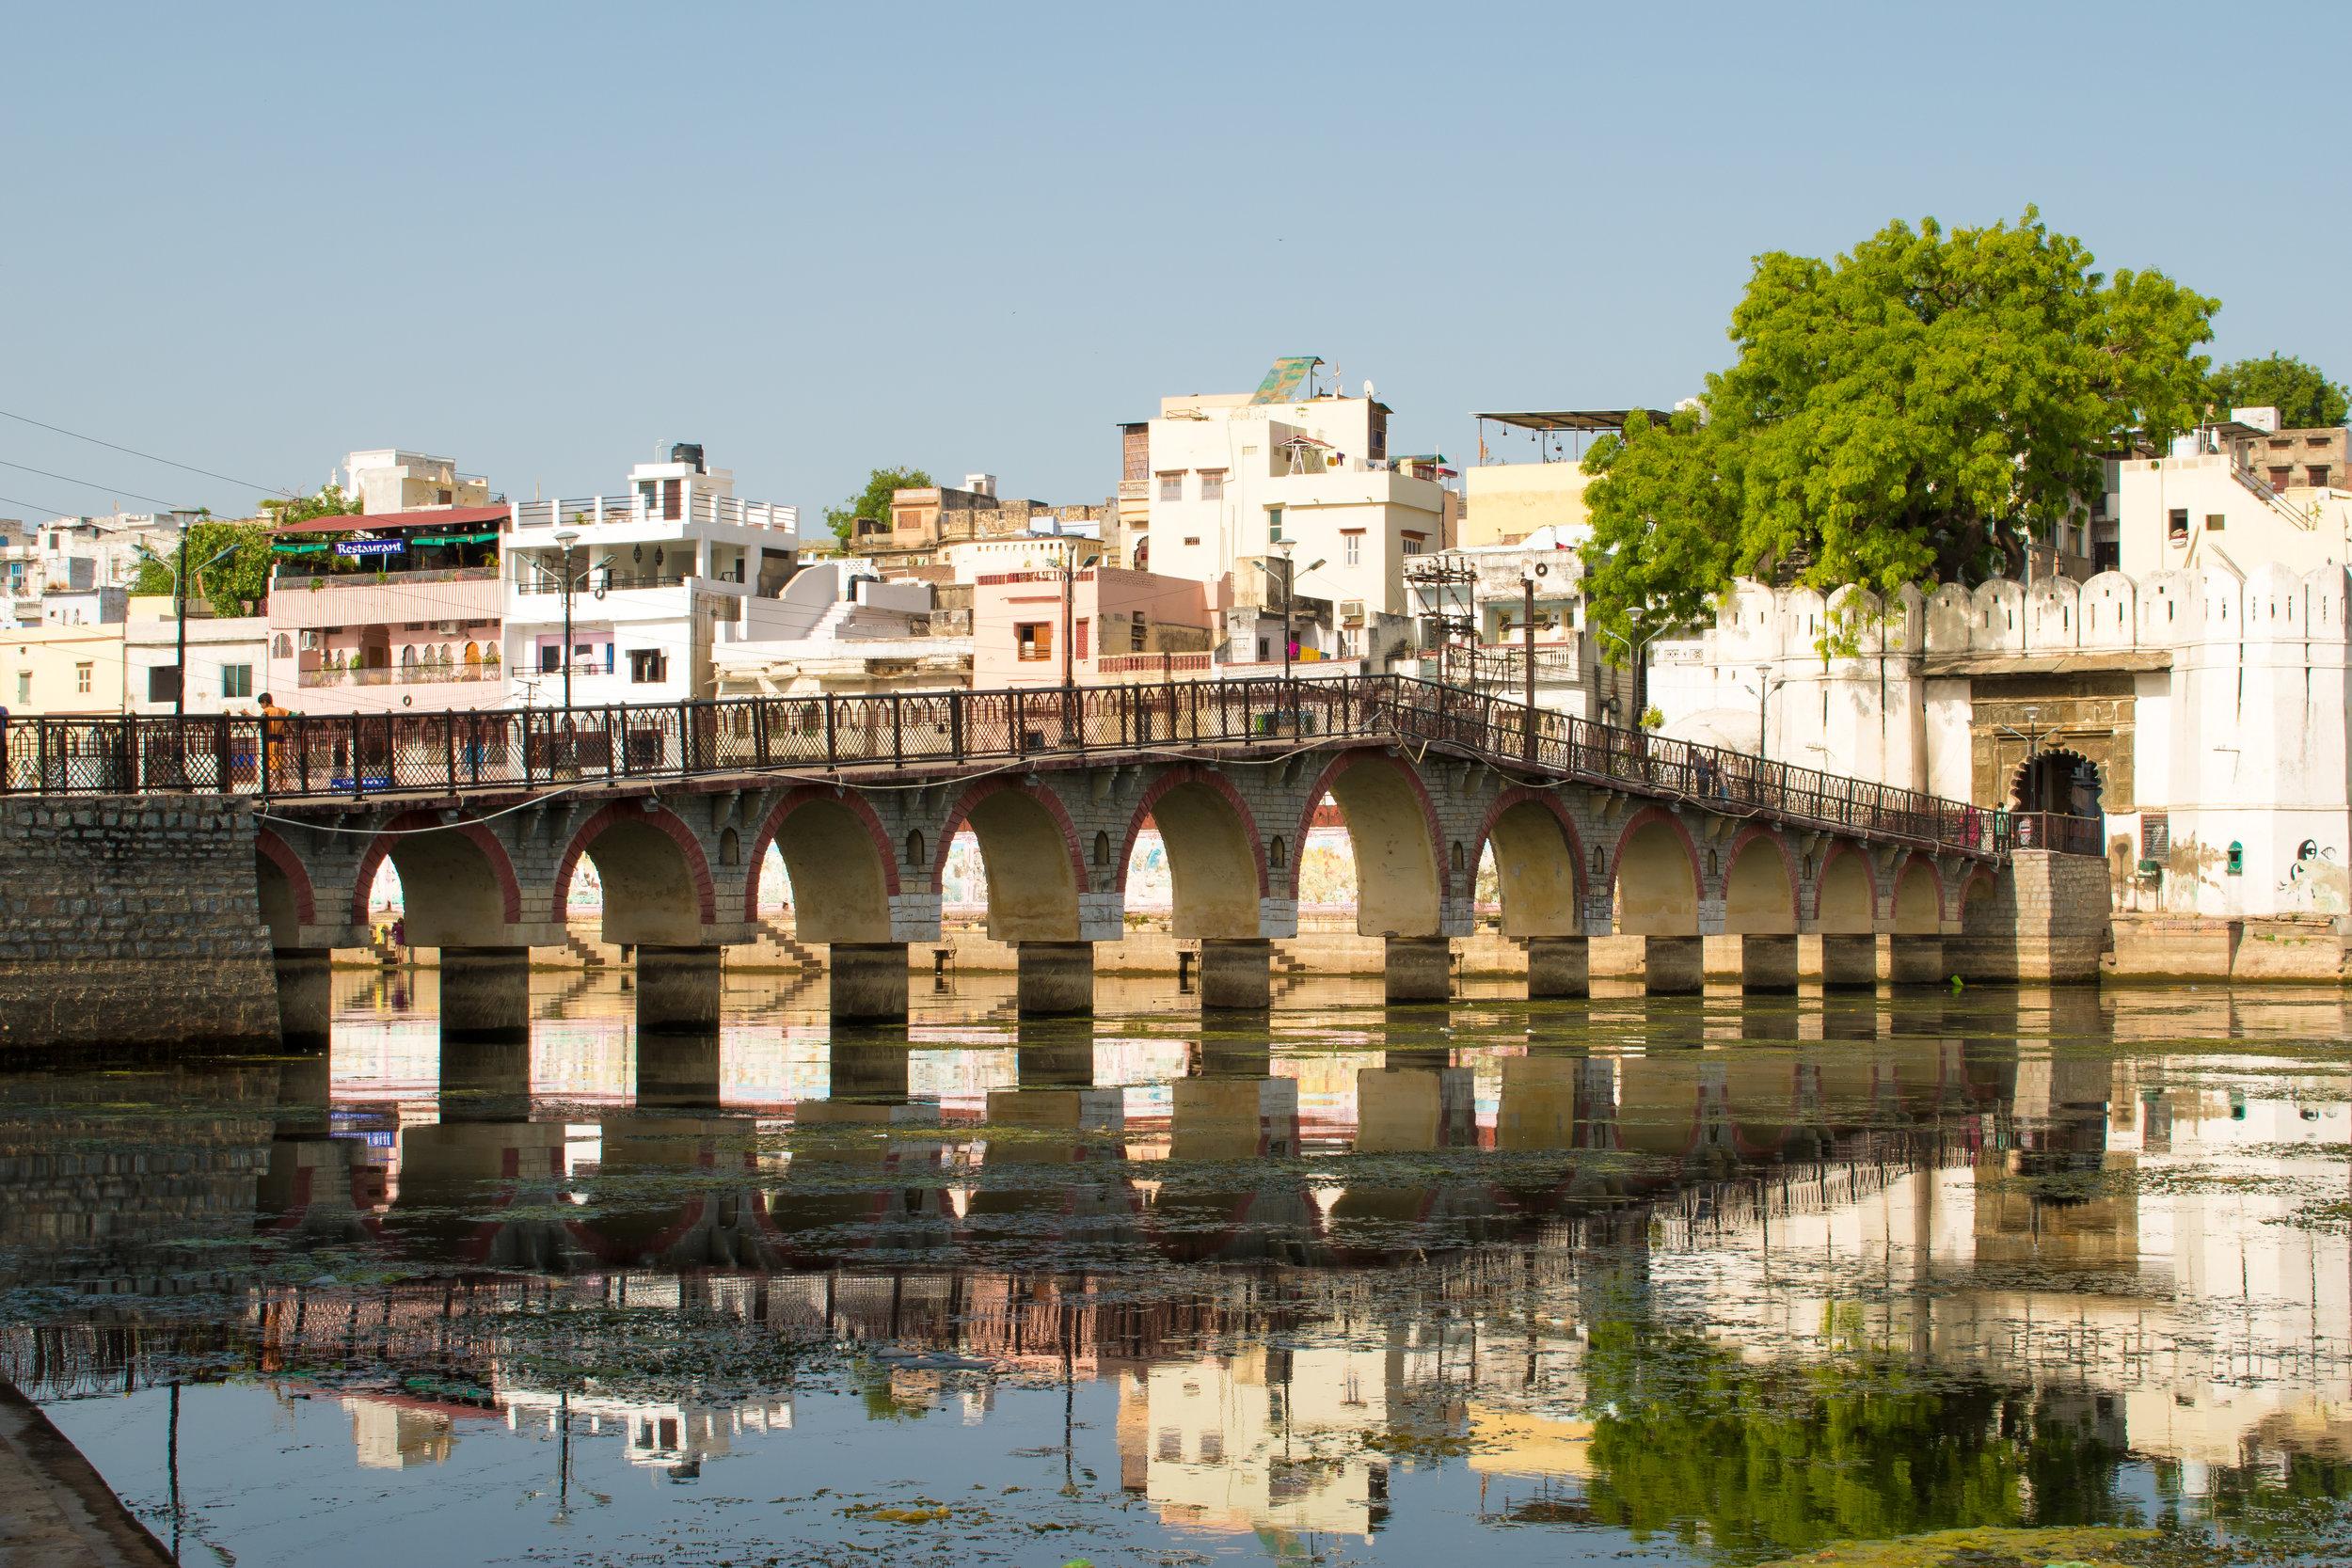 A Bridge In Udaipur, India